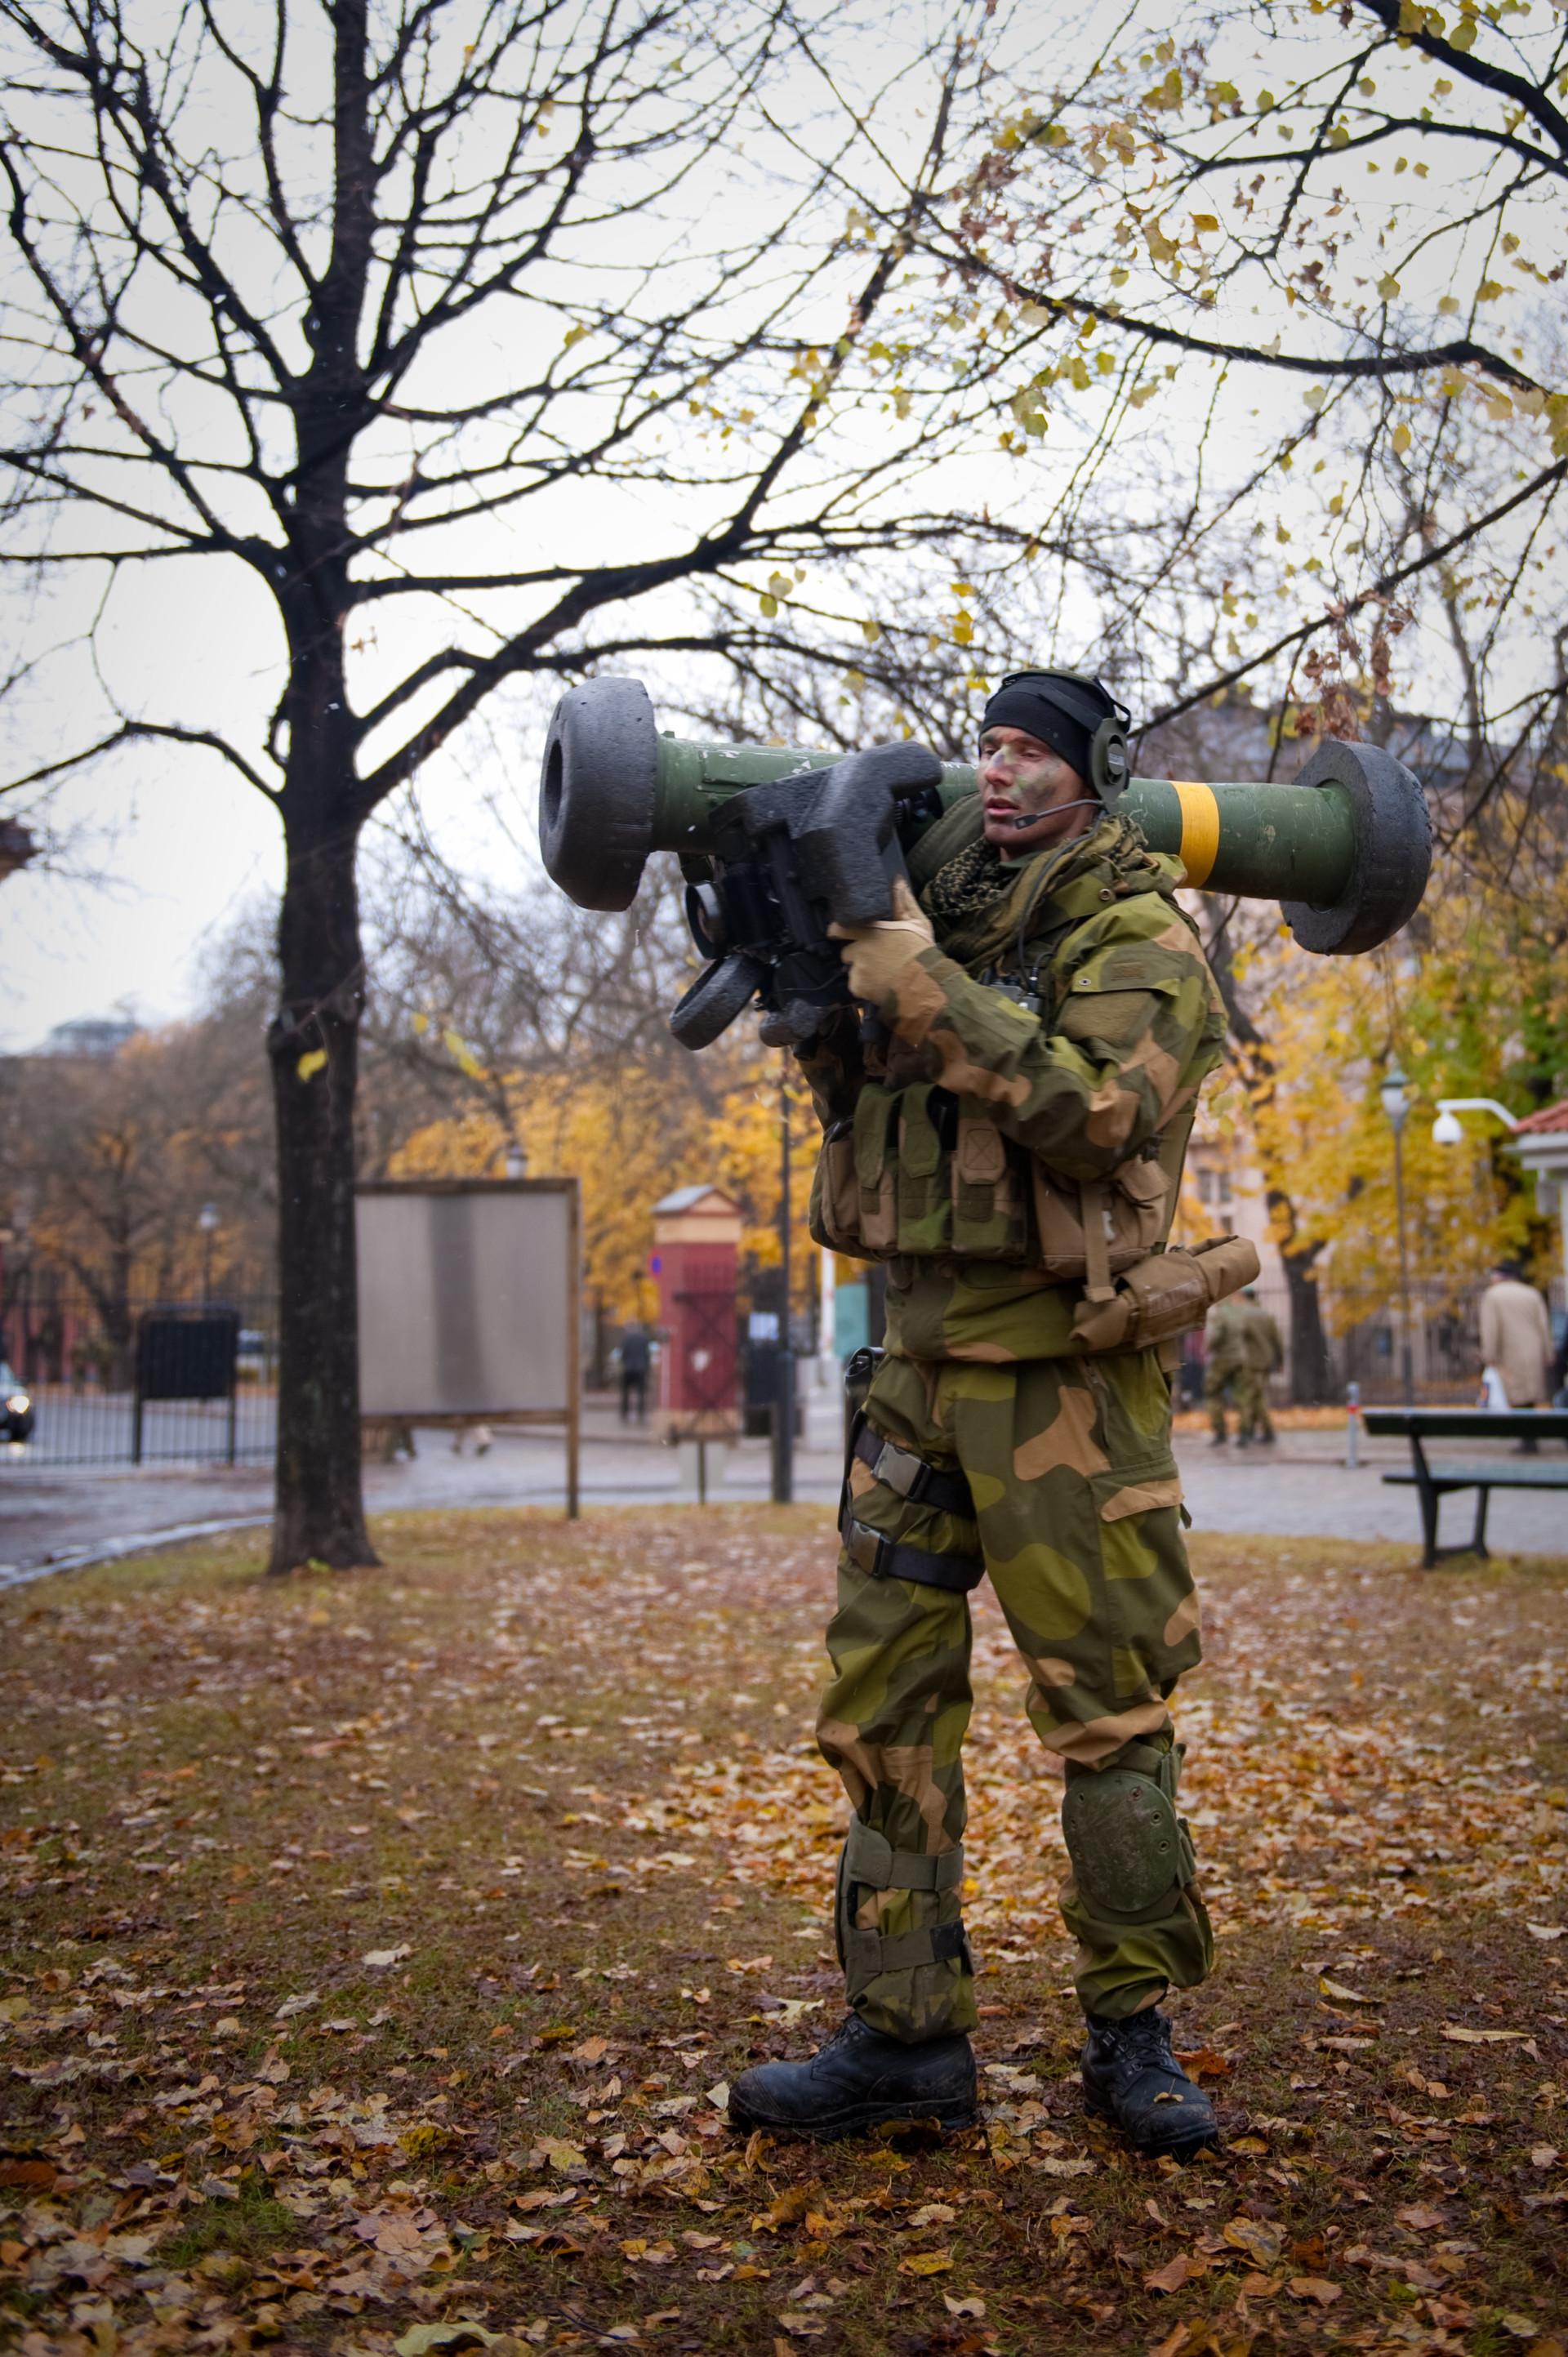 FGM-148 Javelin u opremi norveškog vojnika